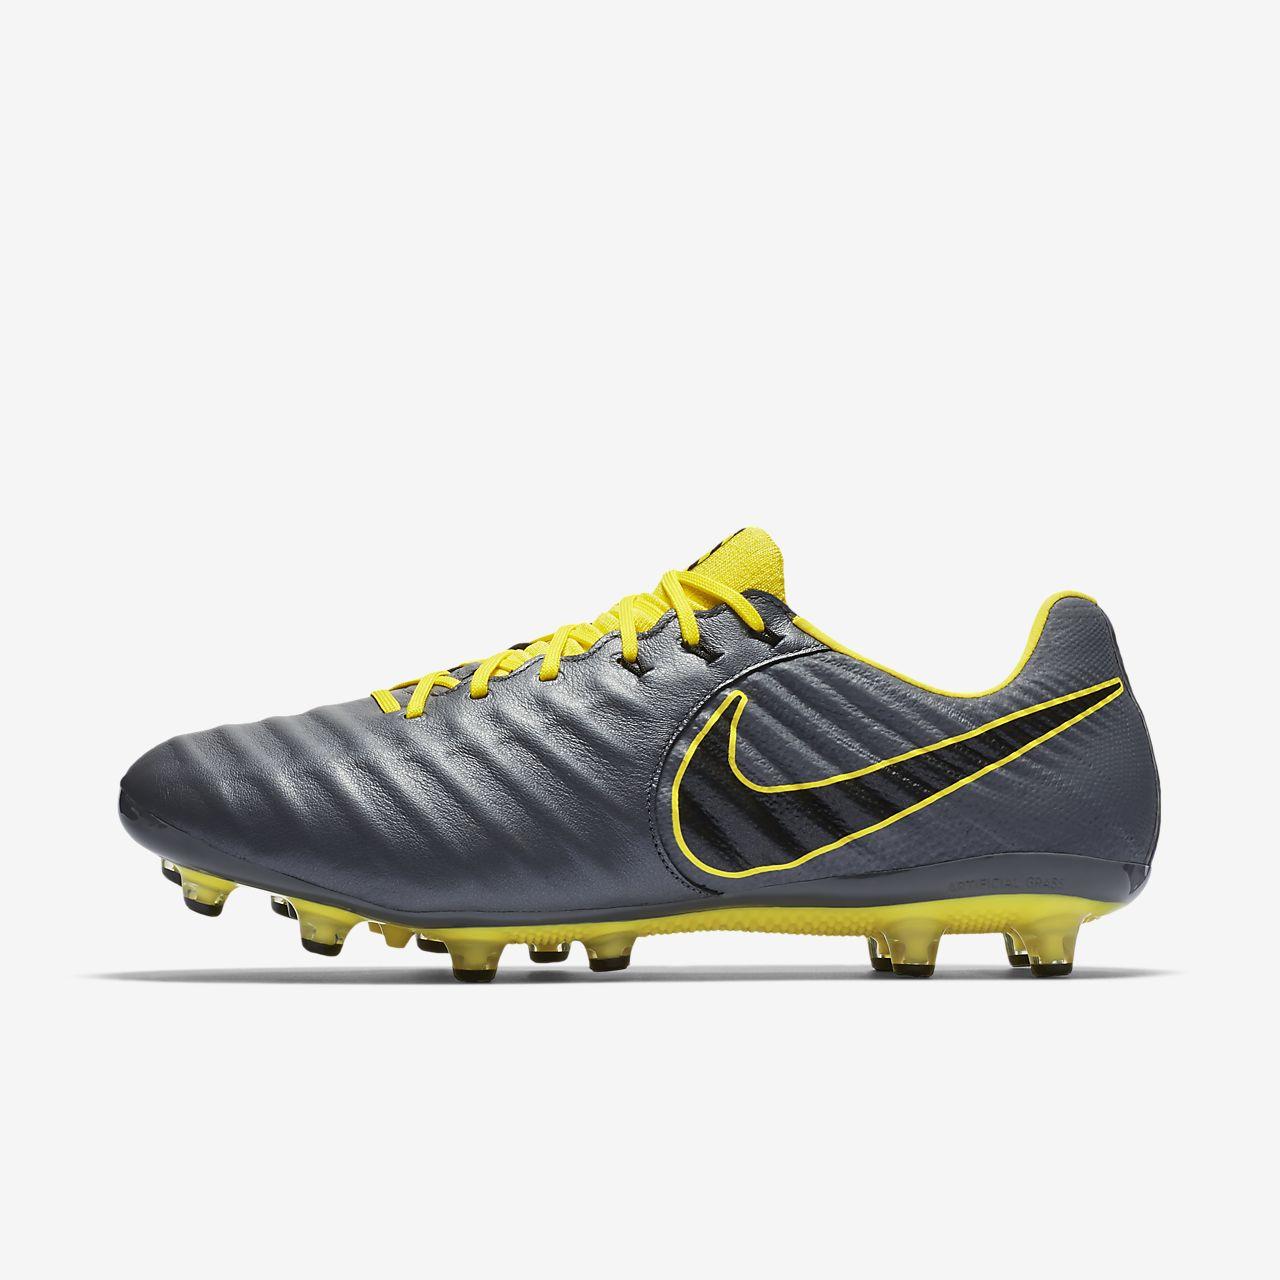 Nike Legend VII Elite AG-PRO Botas de fútbol para césped artificial ... 2f084633d7b92